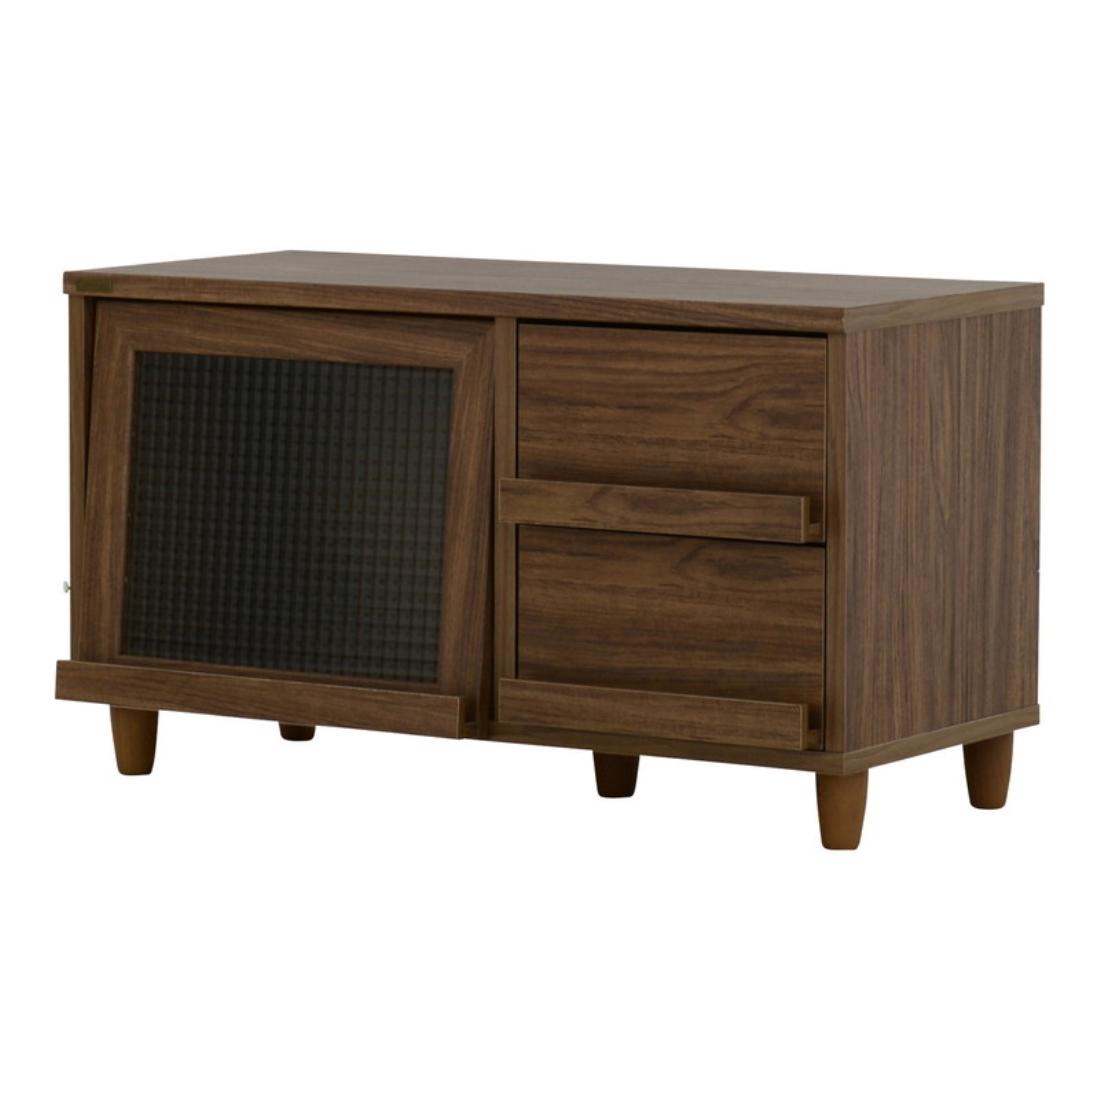 送料無料 オシャレ 家具 テレビ ボード TVボード NEFLAS(ネフラス)テレビ台 ローボード(90cm幅) オシャレ